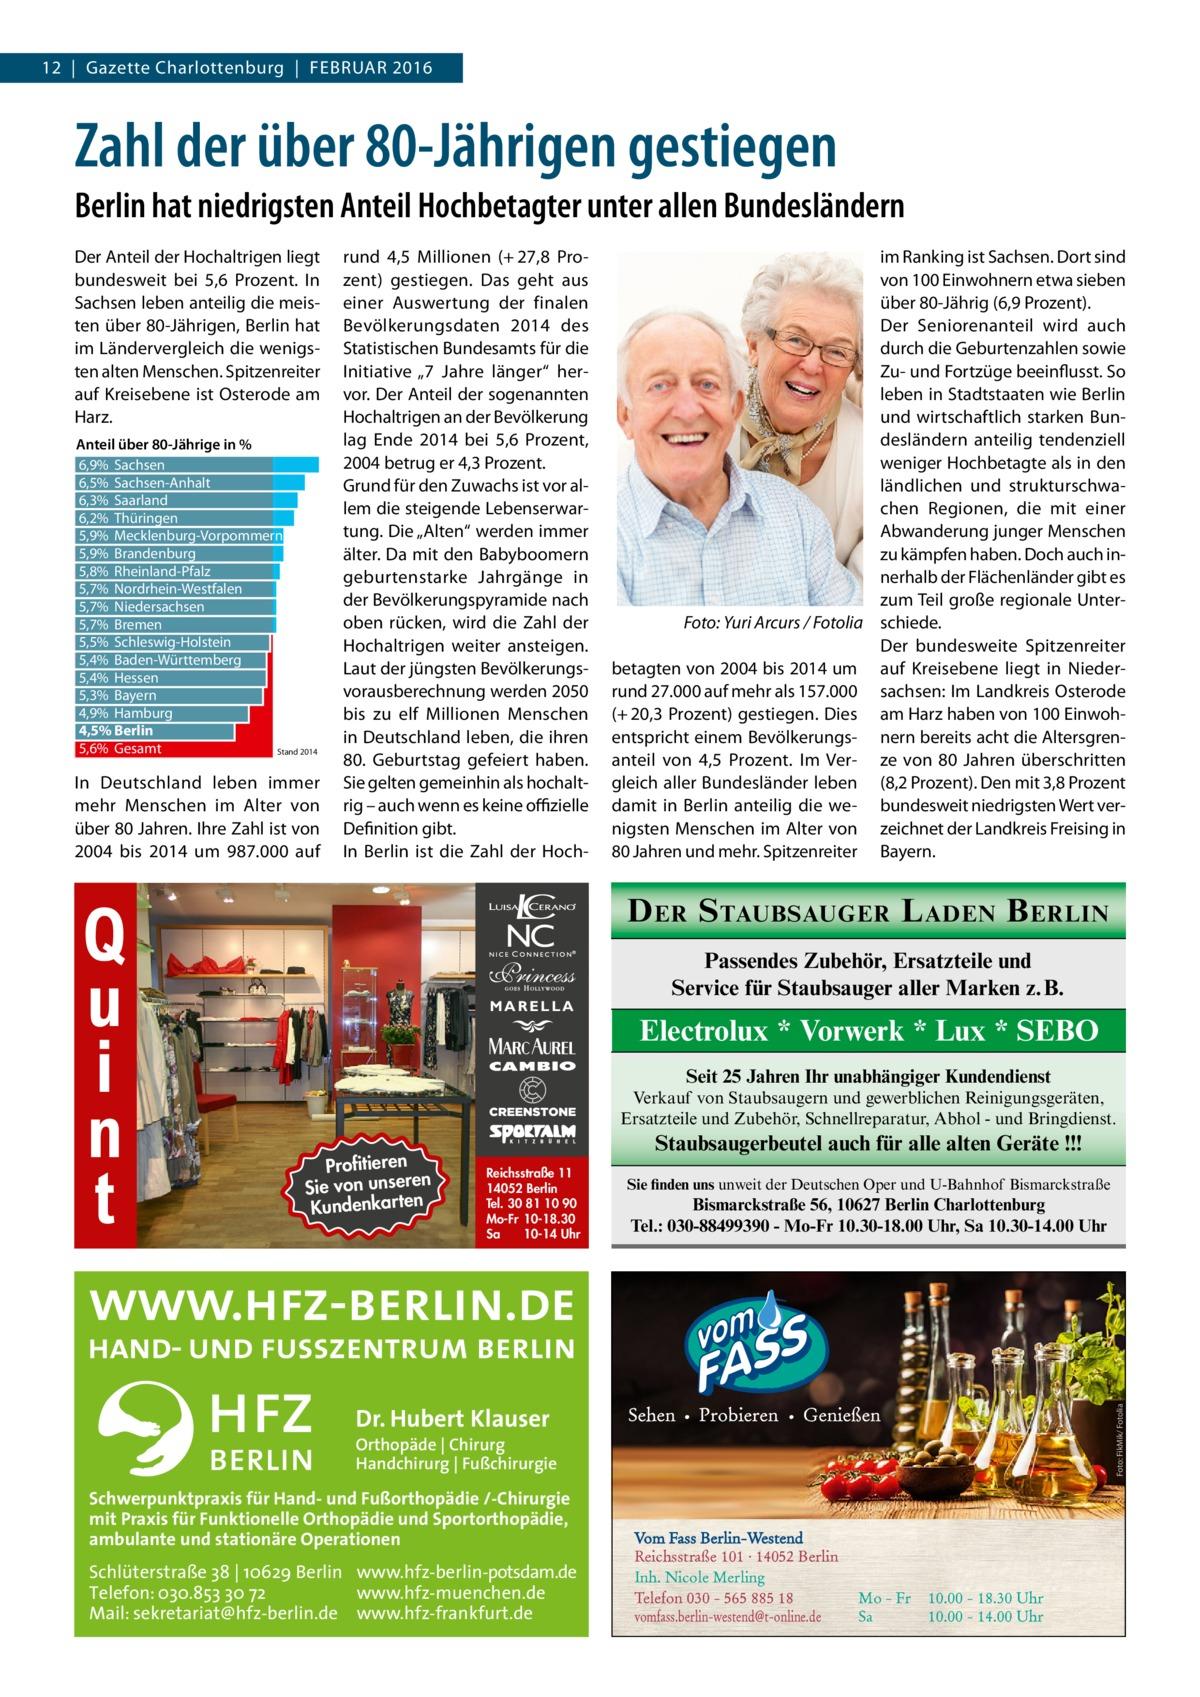 """12 Gazette Charlottenburg Februar 2016  Zahl der über 80-Jährigen gestiegen Berlin hat niedrigsten Anteil Hochbetagter unter allen Bundesländern Der anteil der Hochaltrigen liegt bundesweit bei 5,6 Prozent. In Sachsen leben anteilig die meisten über 80-Jährigen, berlin hat im Ländervergleich die wenigsten alten Menschen. Spitzenreiter auf Kreisebene ist Osterode am Harz. Anteil über 80-Jährige in % 6,9% Sachsen 6,5% Sachsen-Anhalt 6,3% Saarland 6,2% Thüringen 5,9% Mecklenburg-Vorpommern 5,9% Brandenburg 5,8% Rheinland-Pfalz 5,7% Nordrhein-Westfalen 5,7% Niedersachsen 5,7% Bremen 5,5% Schleswig-Holstein 5,4% Baden-Württemberg 5,4% Hessen 5,3% Bayern 4,9% Hamburg 4,5% Berlin 5,6% Gesamt Stand 2014  In Deutschland leben immer mehr Menschen im alter von über 80Jahren. Ihre Zahl ist von 2004 bis 2014 um 987.000 auf  Q u i n t  rund 4,5 Millionen (+ 27,8 Prozent) gestiegen. Das geht aus einer auswertung der finalen bevölkerungsdaten 2014 des Statistischen bundesamts für die Initiative """"7 Jahre länger"""" hervor. Der anteil der sogenannten Hochaltrigen an der bevölkerung lag ende 2014 bei 5,6 Prozent, 2004 betrug er 4,3Prozent. Grund für den Zuwachs ist vor allem die steigende Lebenserwartung. Die """"alten"""" werden immer älter. Da mit den babyboomern geburtenstarke Jahrgänge in der bevölkerungspyramide nach oben rücken, wird die Zahl der Hochaltrigen weiter ansteigen. Laut der jüngsten bevölkerungsvorausberechnung werden 2050 bis zu elf Millionen Menschen in Deutschland leben, die ihren 80. Geburtstag gefeiert haben. Sie gelten gemeinhin als hochaltrig – auch wenn es keine offizielle Definition gibt. In berlin ist die Zahl der Hoch im ranking ist Sachsen. Dort sind von 100einwohnern etwa sieben über 80-Jährig (6,9Prozent). Der Seniorenanteil wird auch durch die Geburtenzahlen sowie Zu- und Fortzüge beeinflusst. So leben in Stadtstaaten wie berlin und wirtschaftlich starken bundesländern anteilig tendenziell weniger Hochbetagte als in den ländlichen und strukturschwachen regionen"""